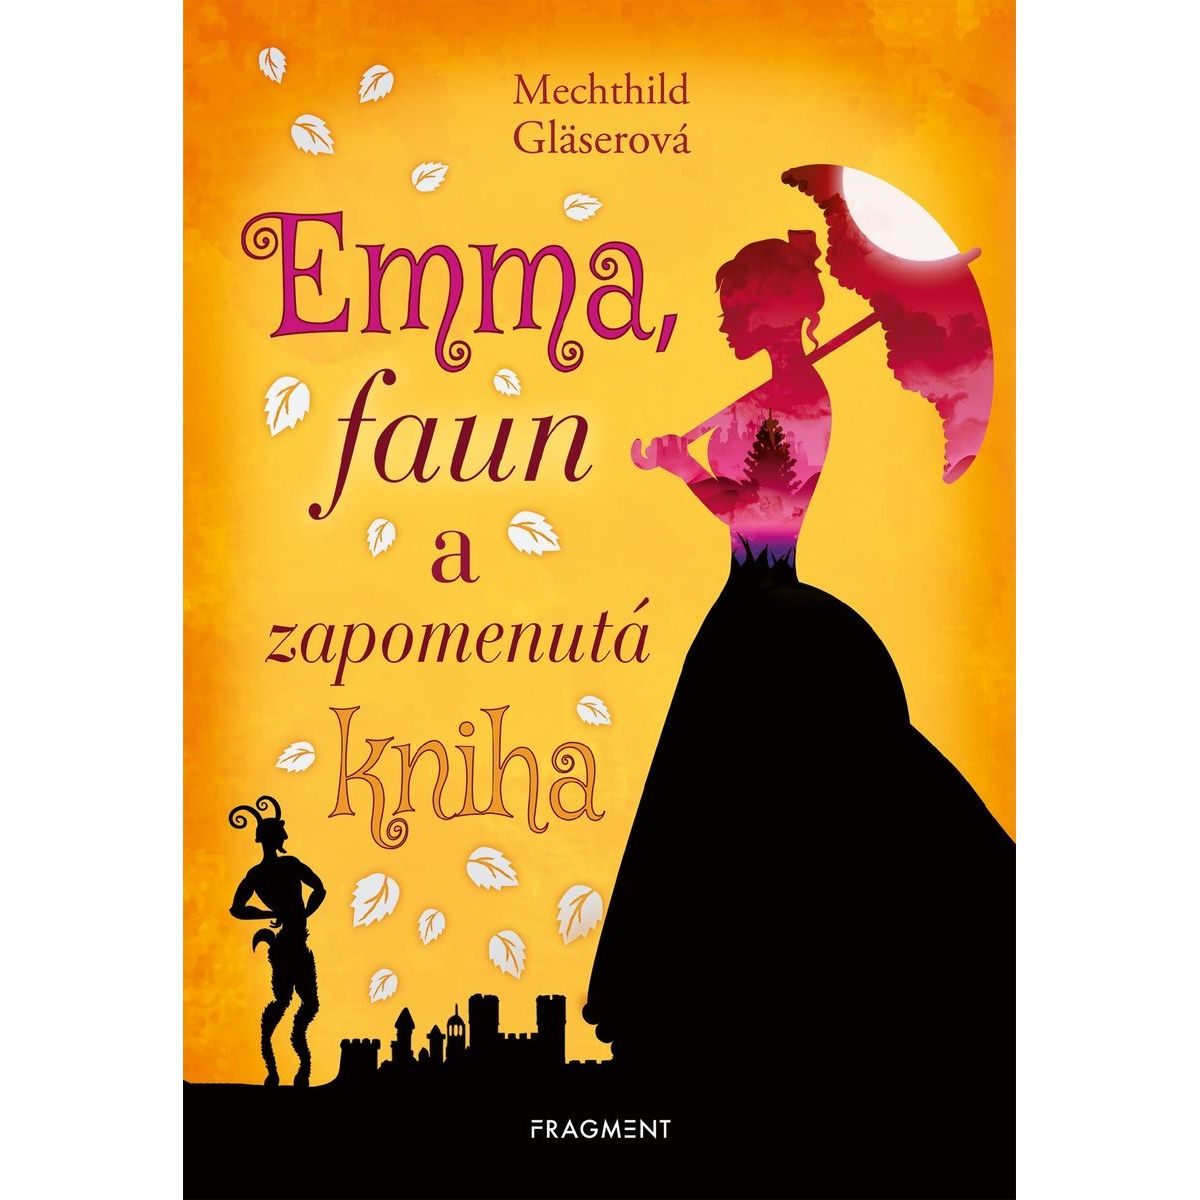 Fragment Emma, faun a zabudnutá kniha